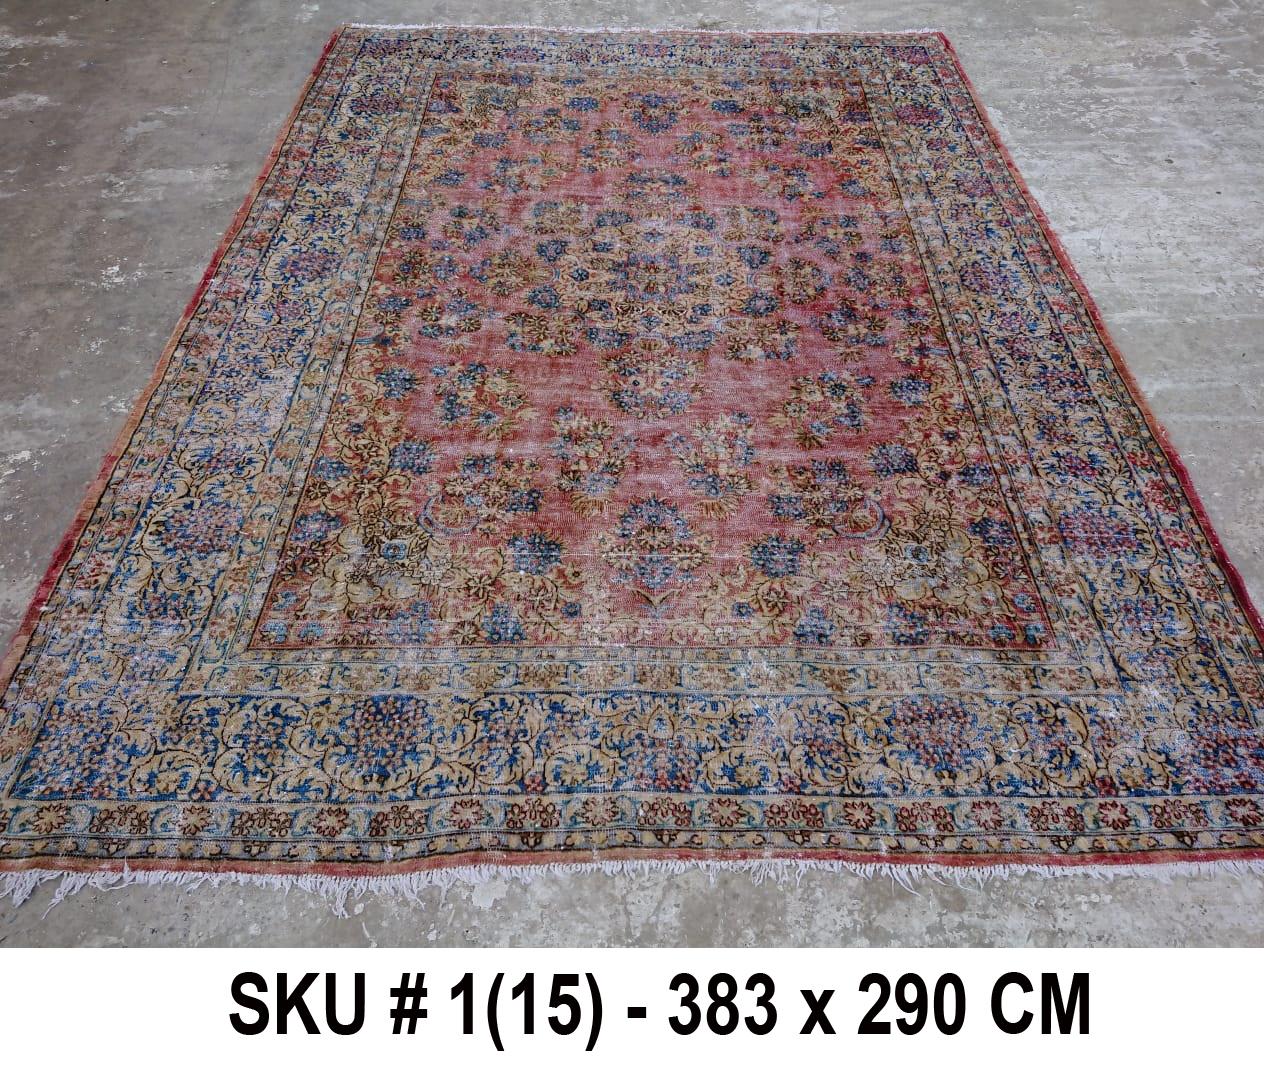 Vintage vloerkleed, nr.59001, 383cm x 290cm